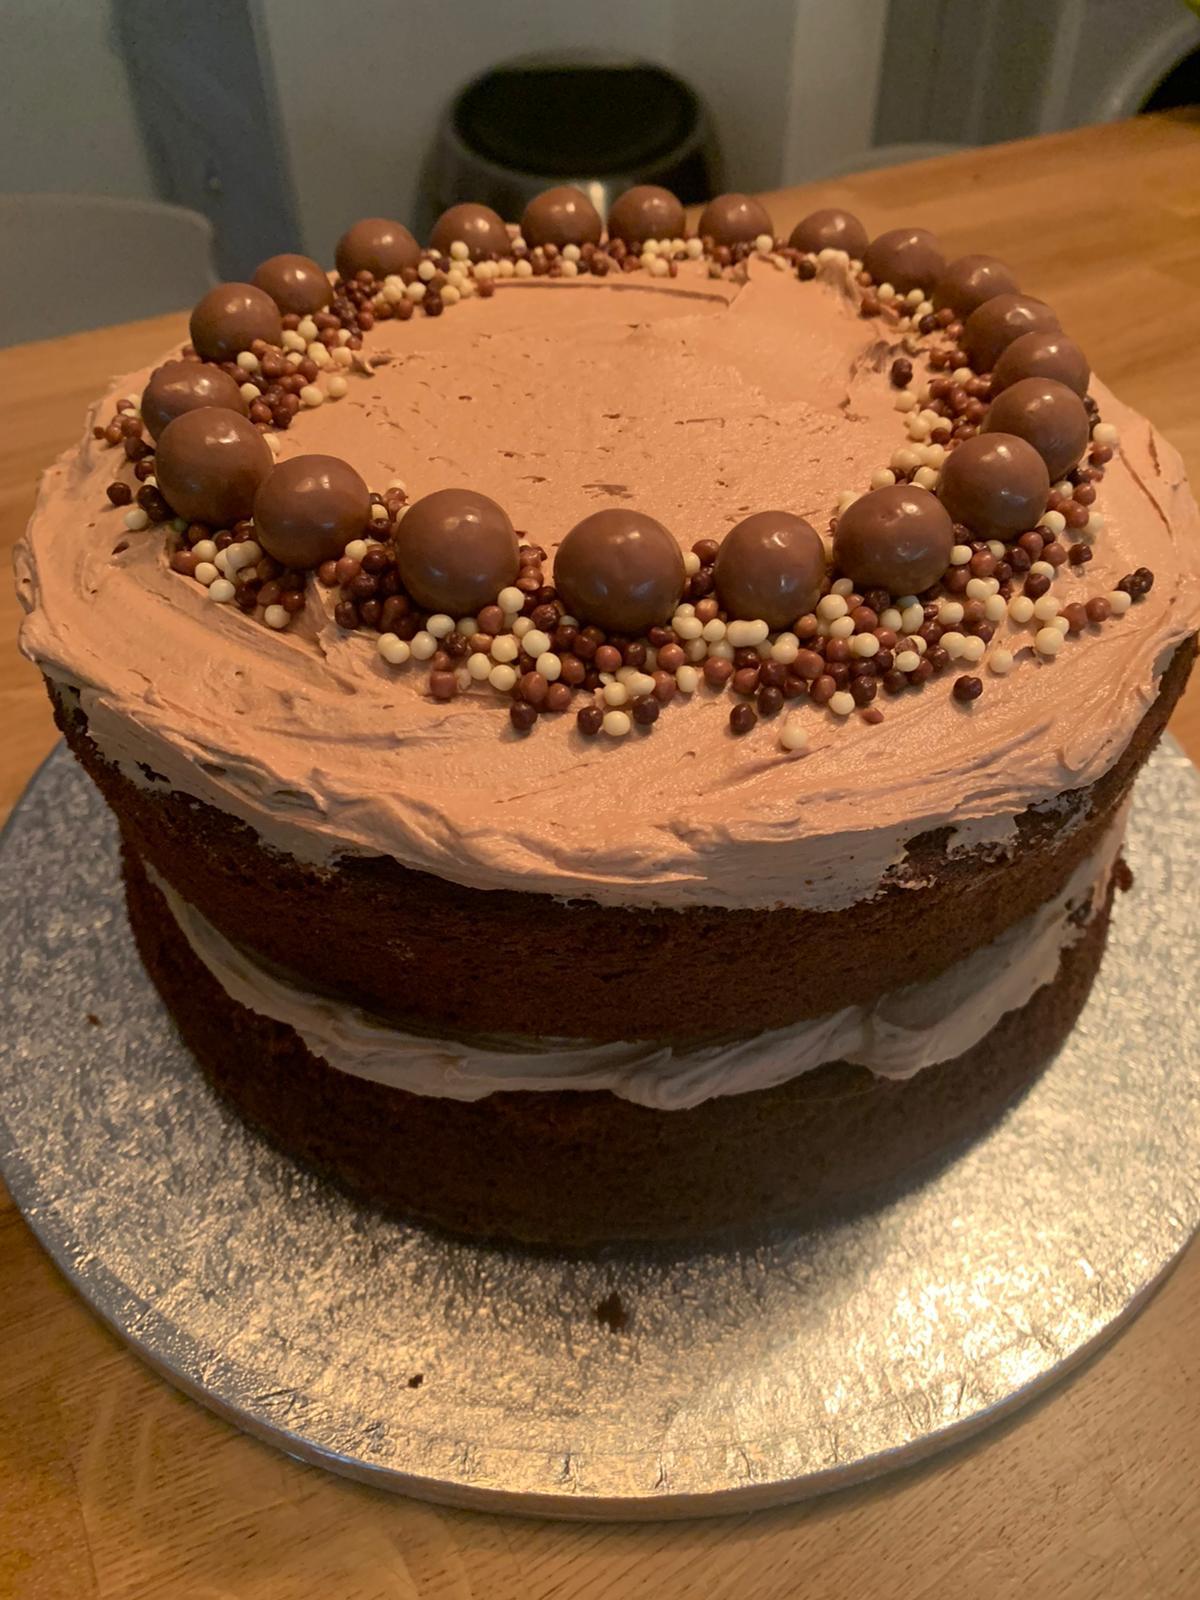 A Whole Cake - Chocolate